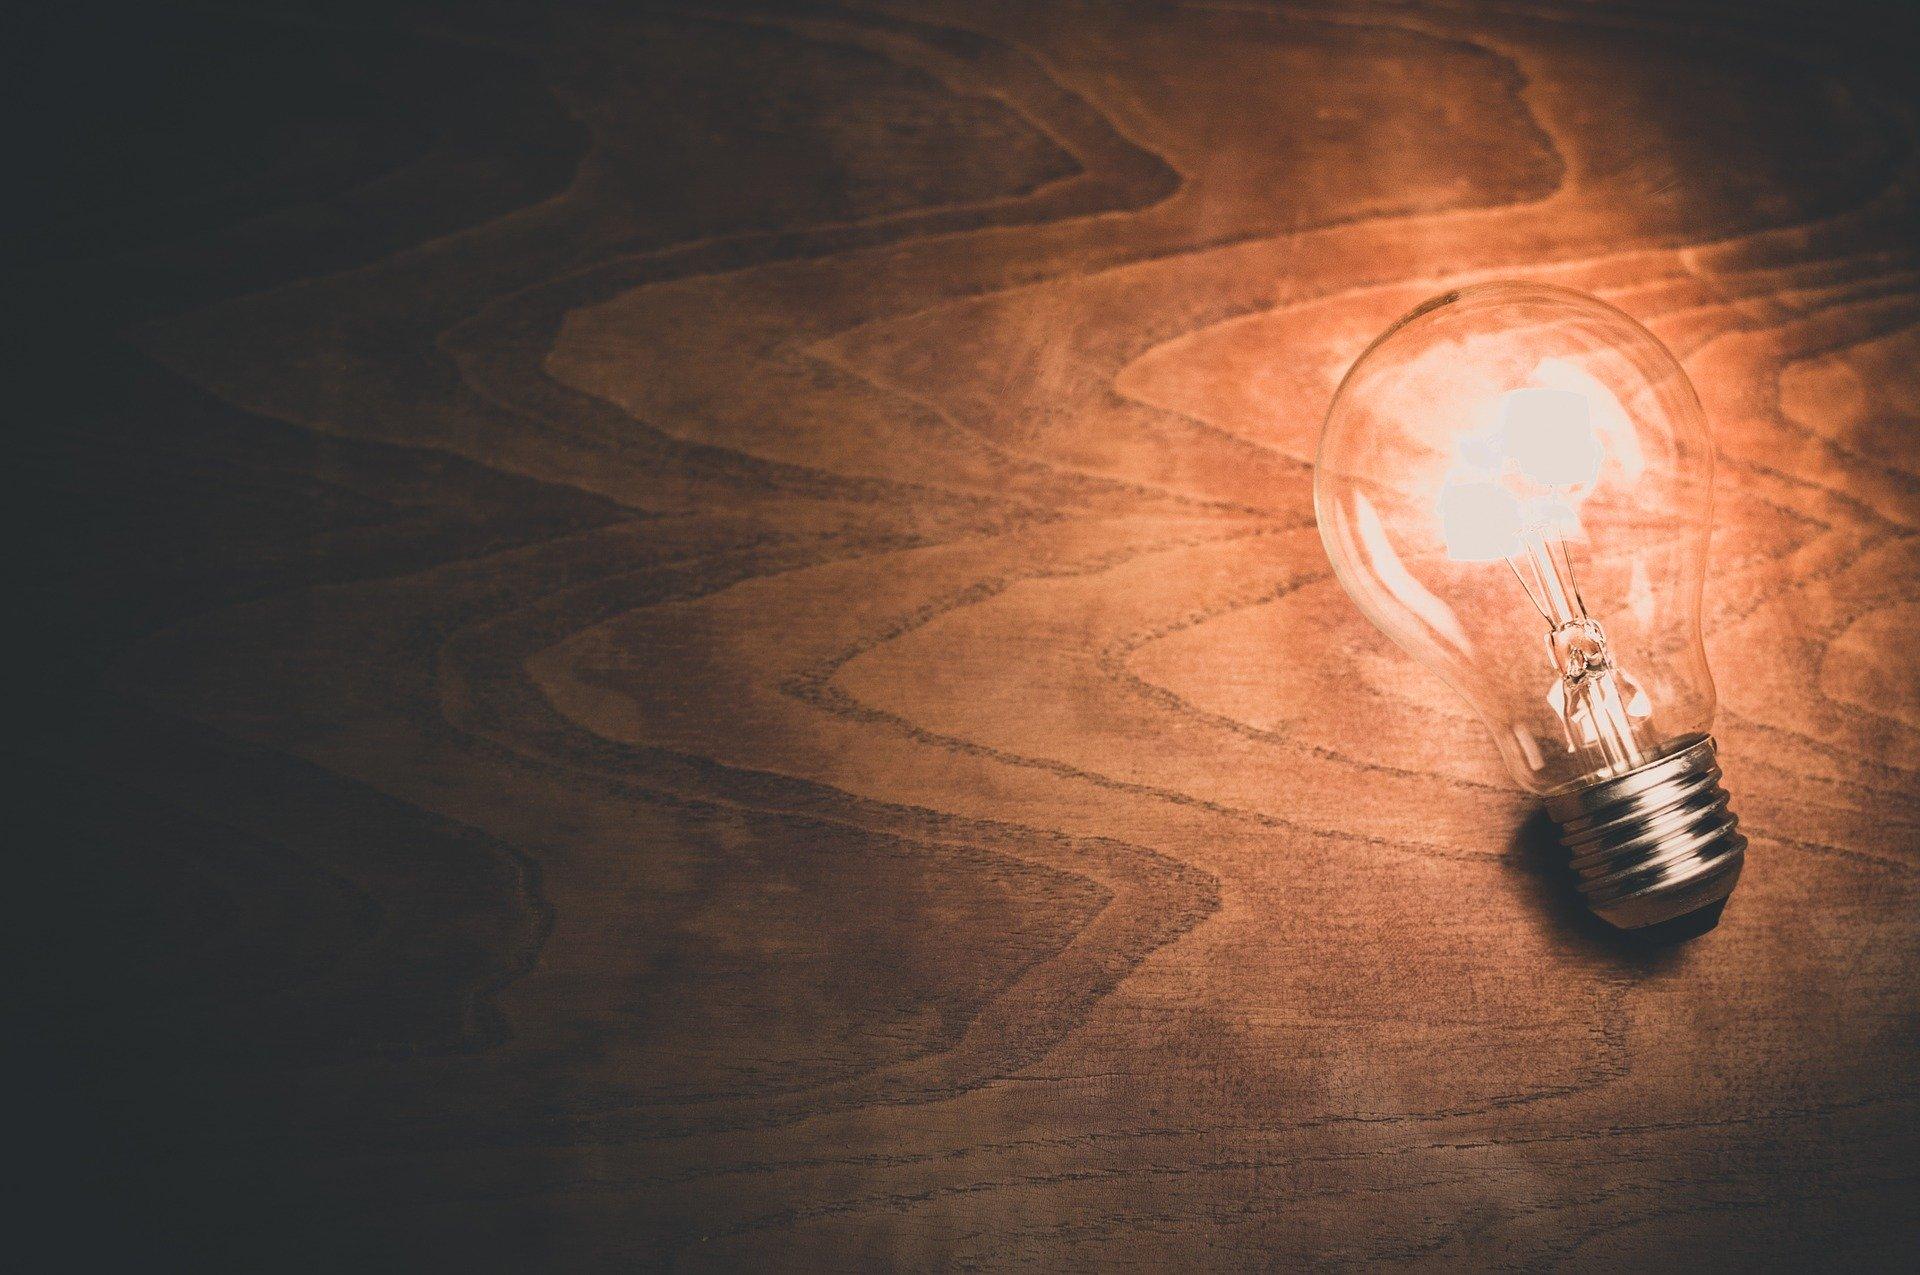 أفكار مشاريع تجارية صغيرة جديدة ومربحة